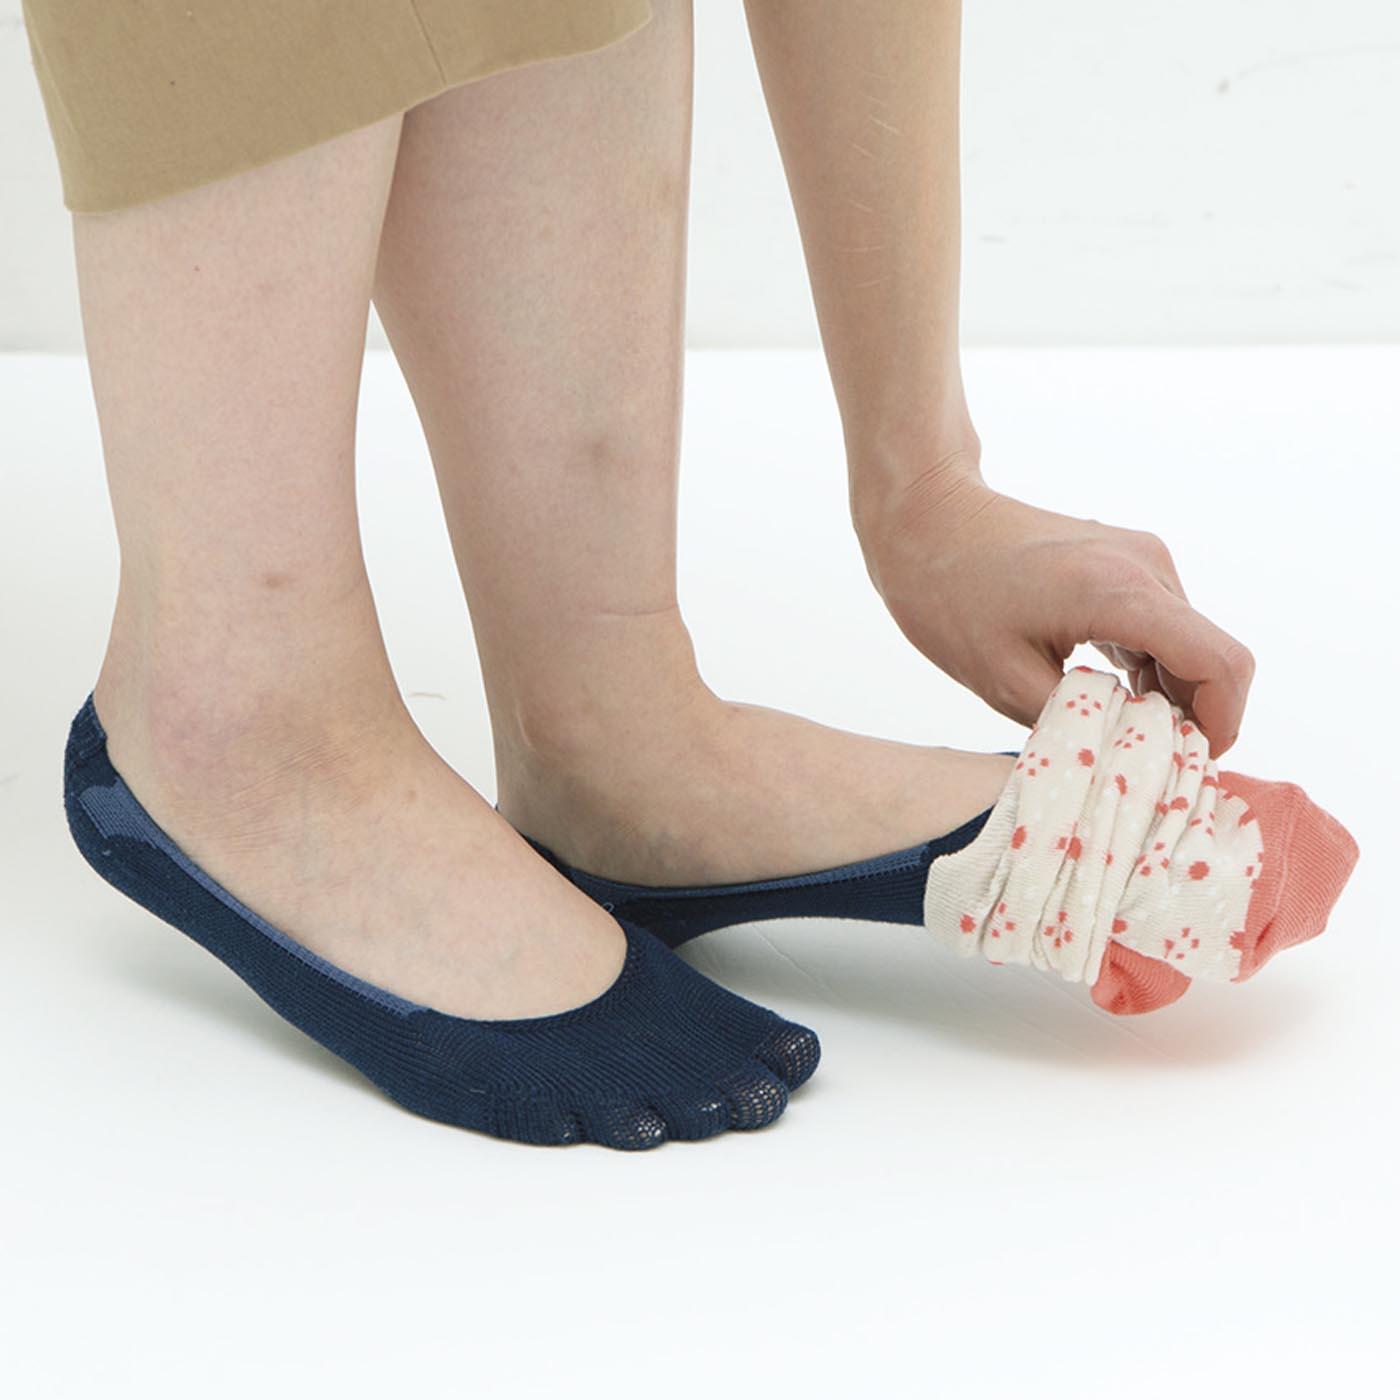 脱げにくいからソックスインナーとして靴下の中にはいても快適。